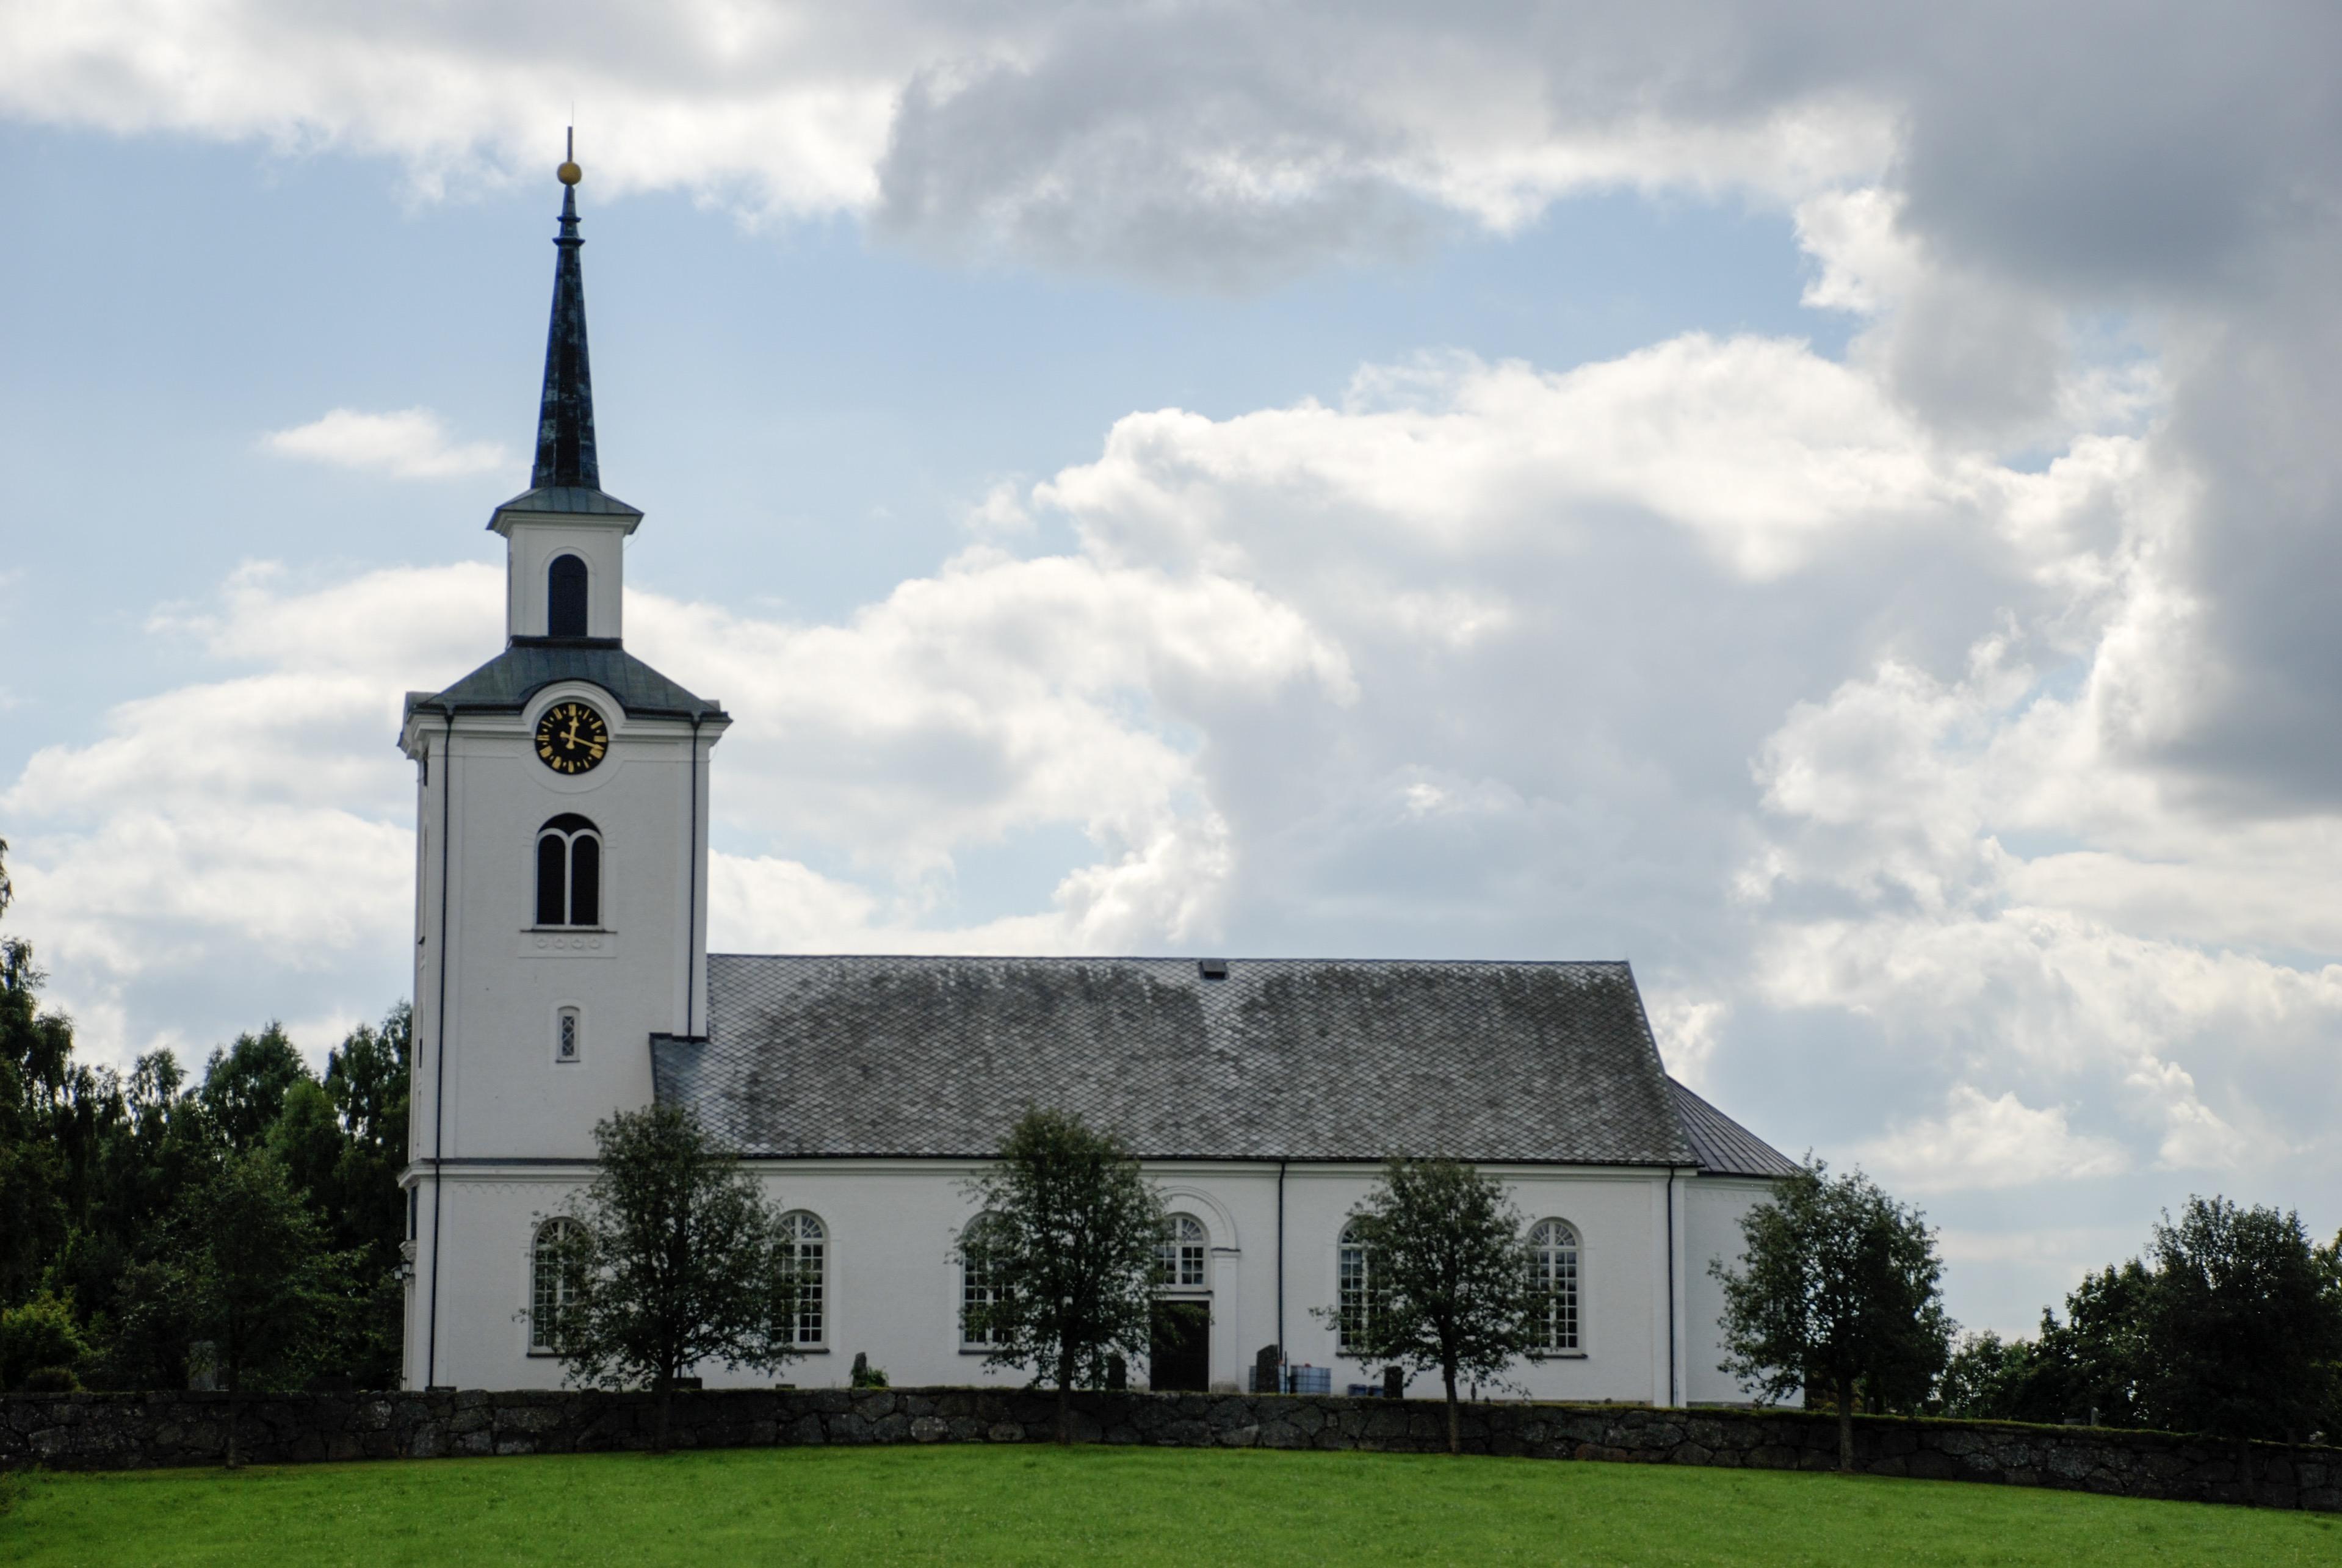 Fil:Sjss kyrka, unam.net Wikipedia